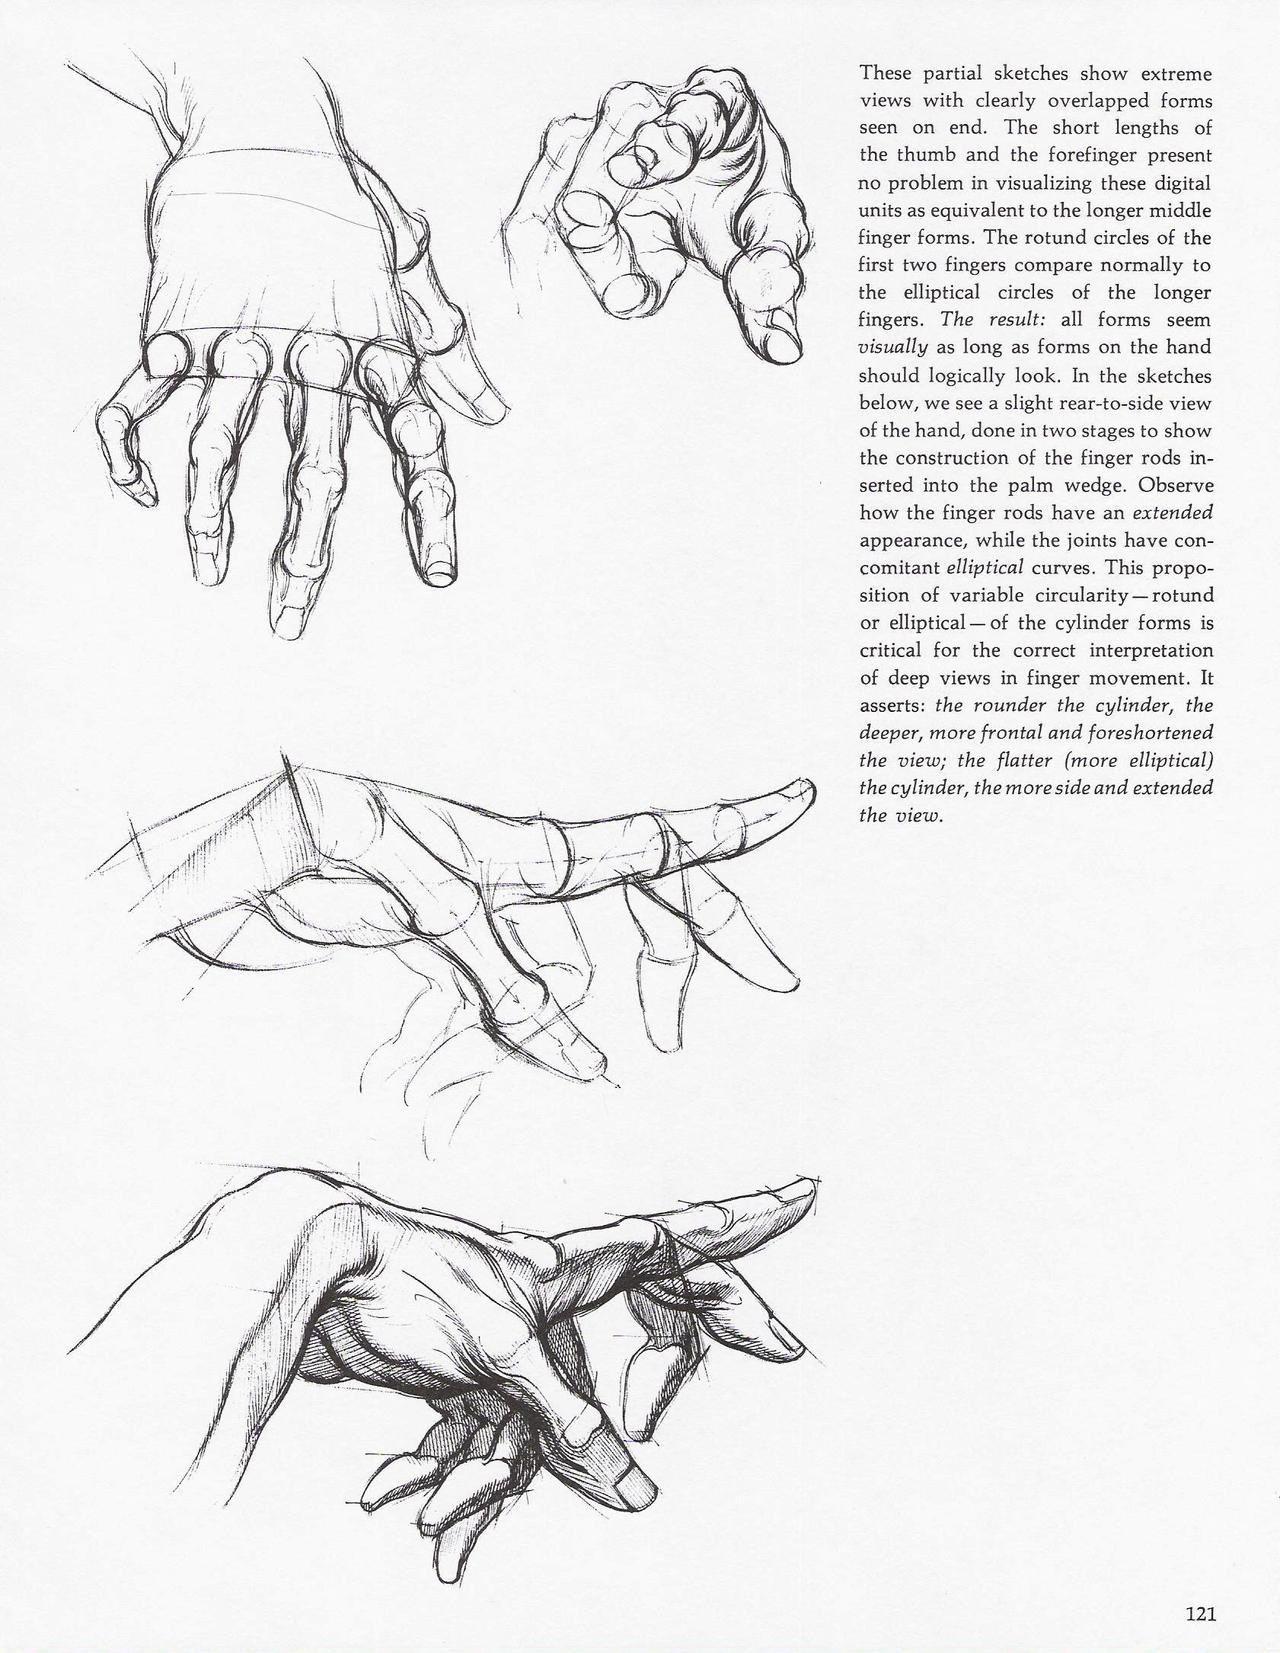 Uncategorized Drawing Websites Online art by burne hogarth blogwebsite httpburnehogarth com soullesshusk the hands from dynamic figure drawing hogarth